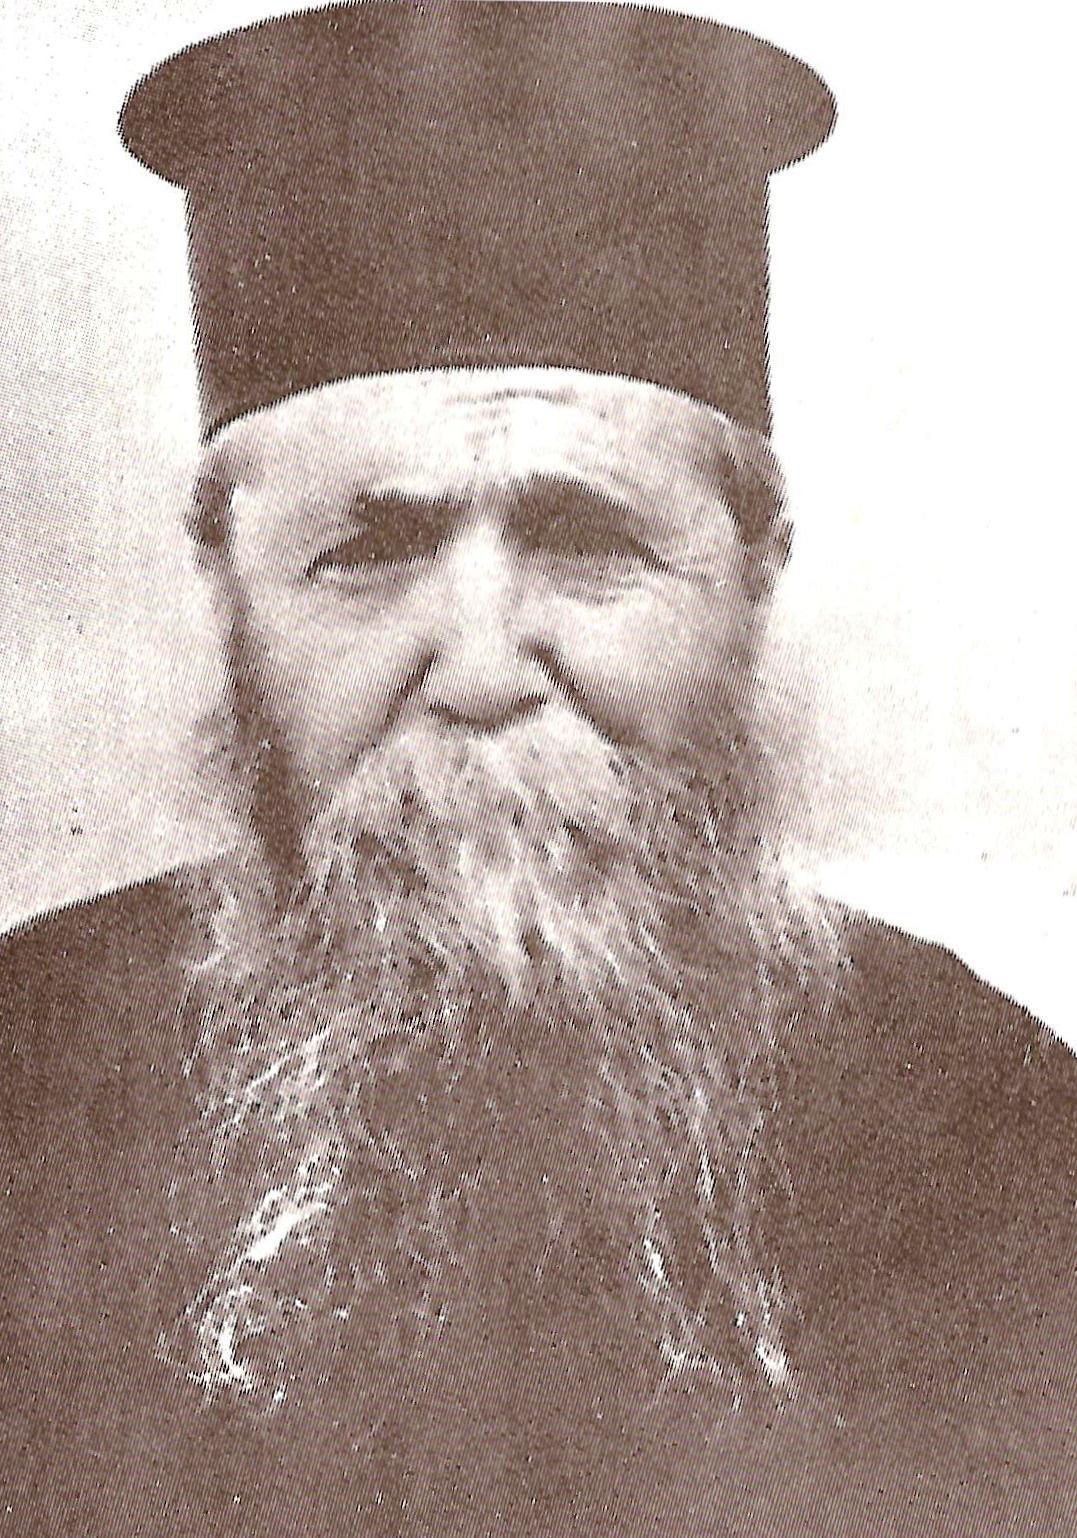 Elder Ieronymos the Cappadocian of Aegina